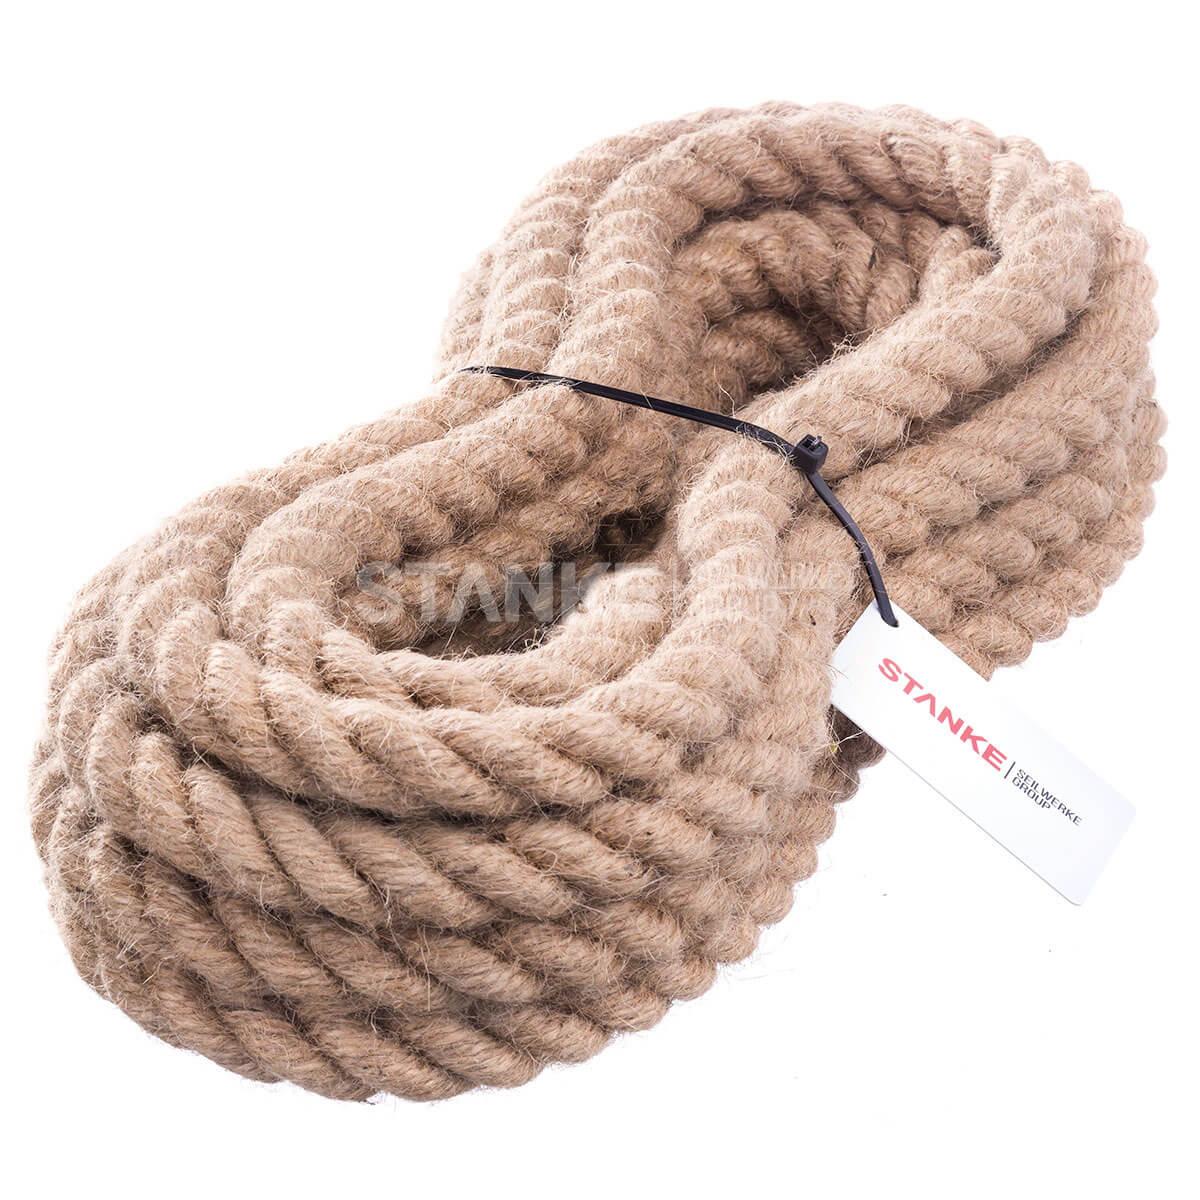 JUTESEIL 22mm Seil Hanfseil Tauwerk Hanf Naturhanf Jute Gedreht Leine Tauziehen